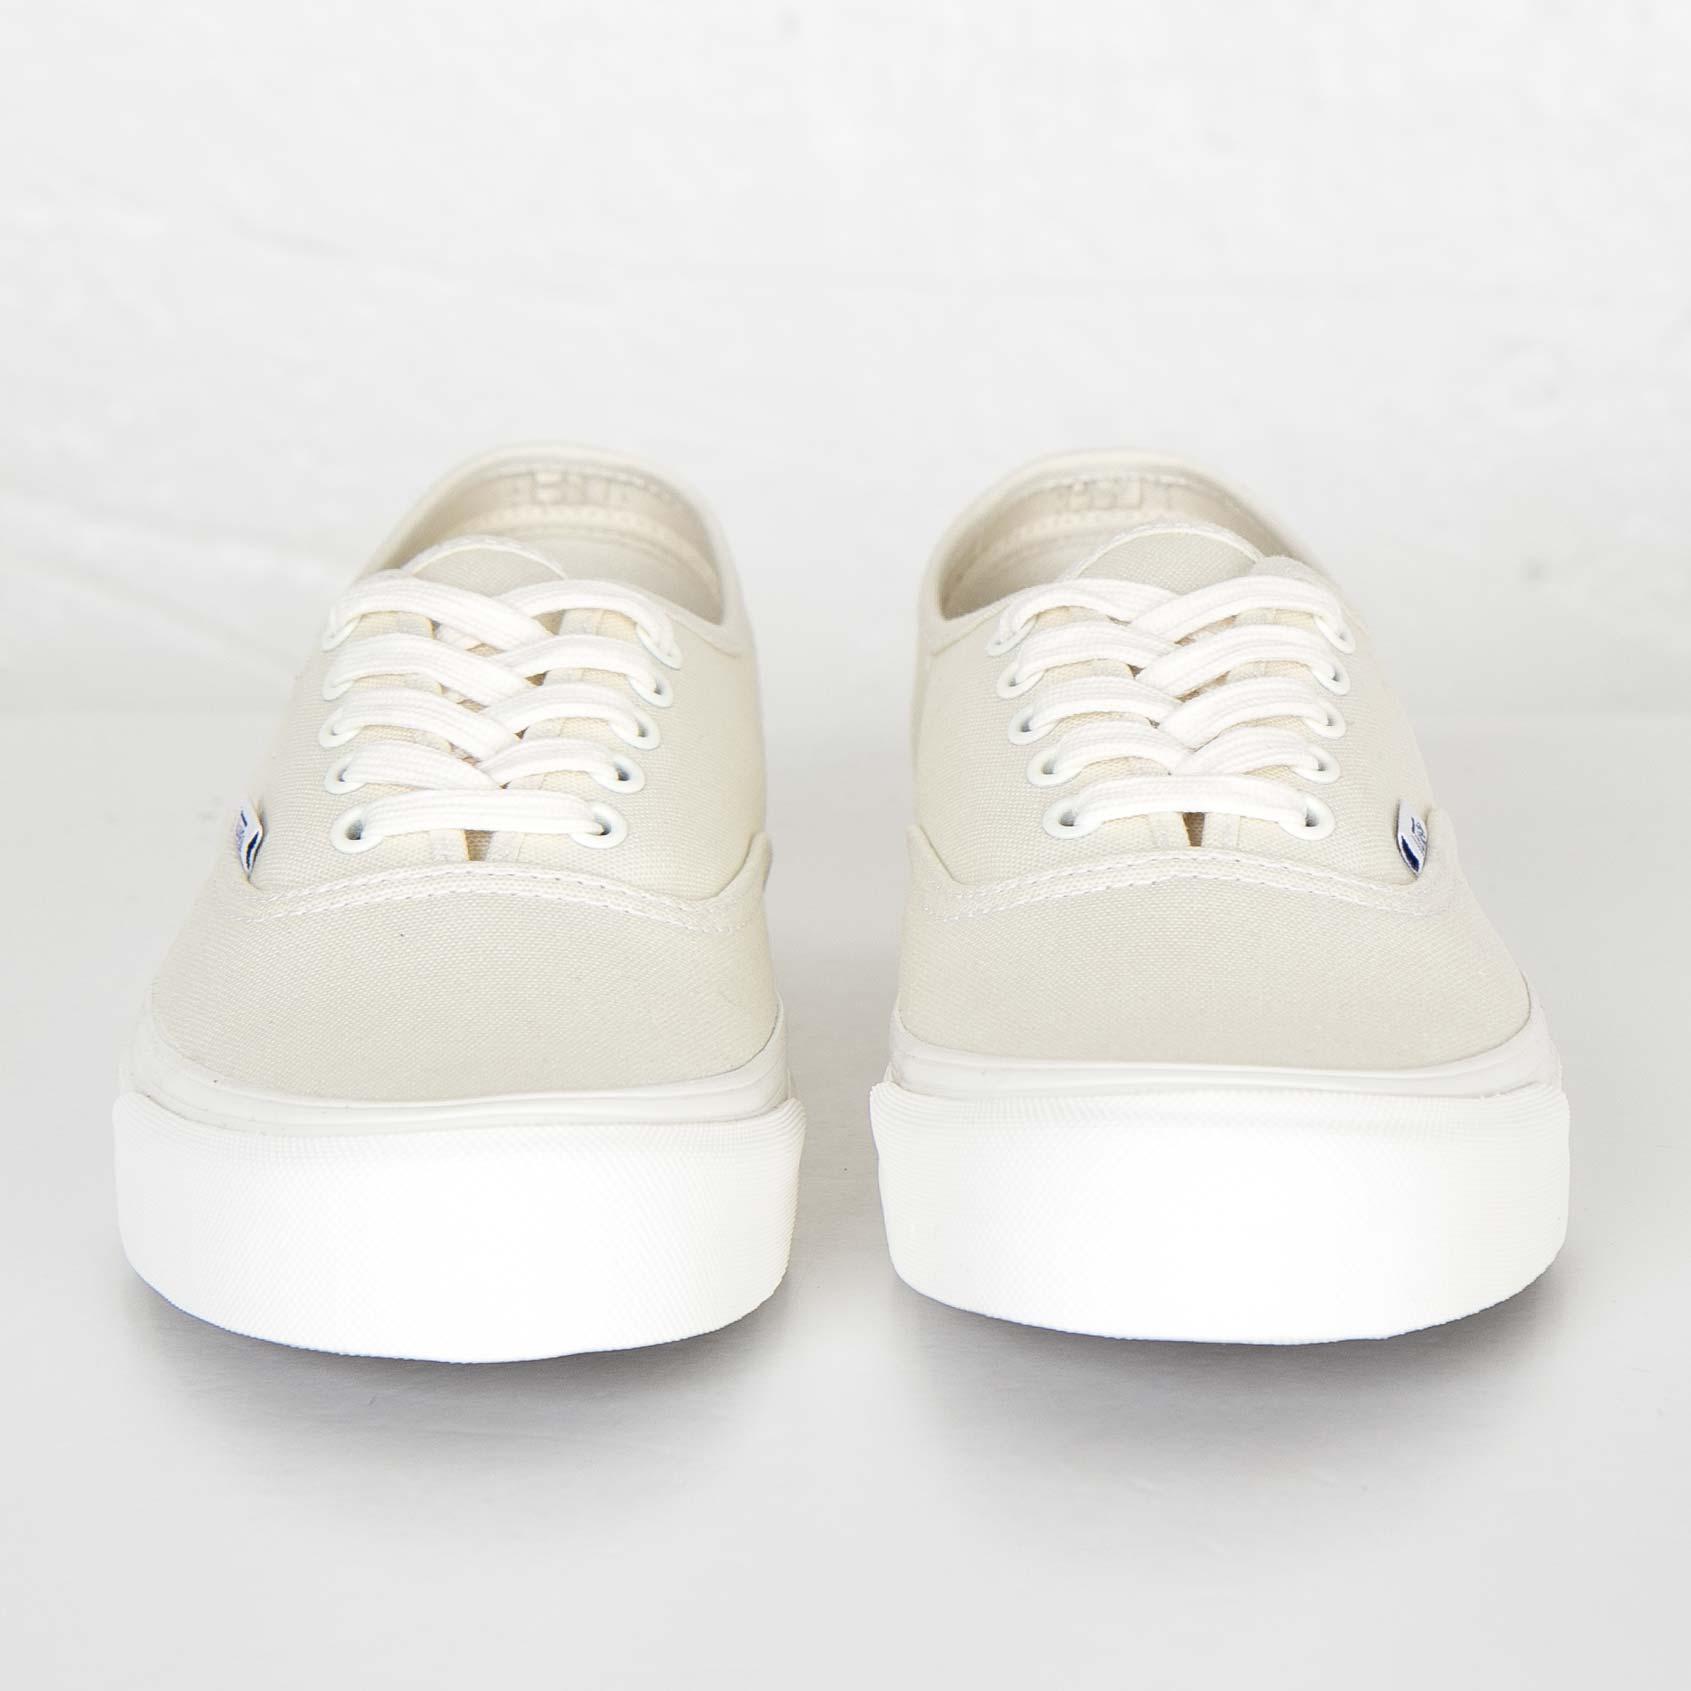 c22ff413e3 Vans OG Authentic LX - Vuddiav - Sneakersnstuff